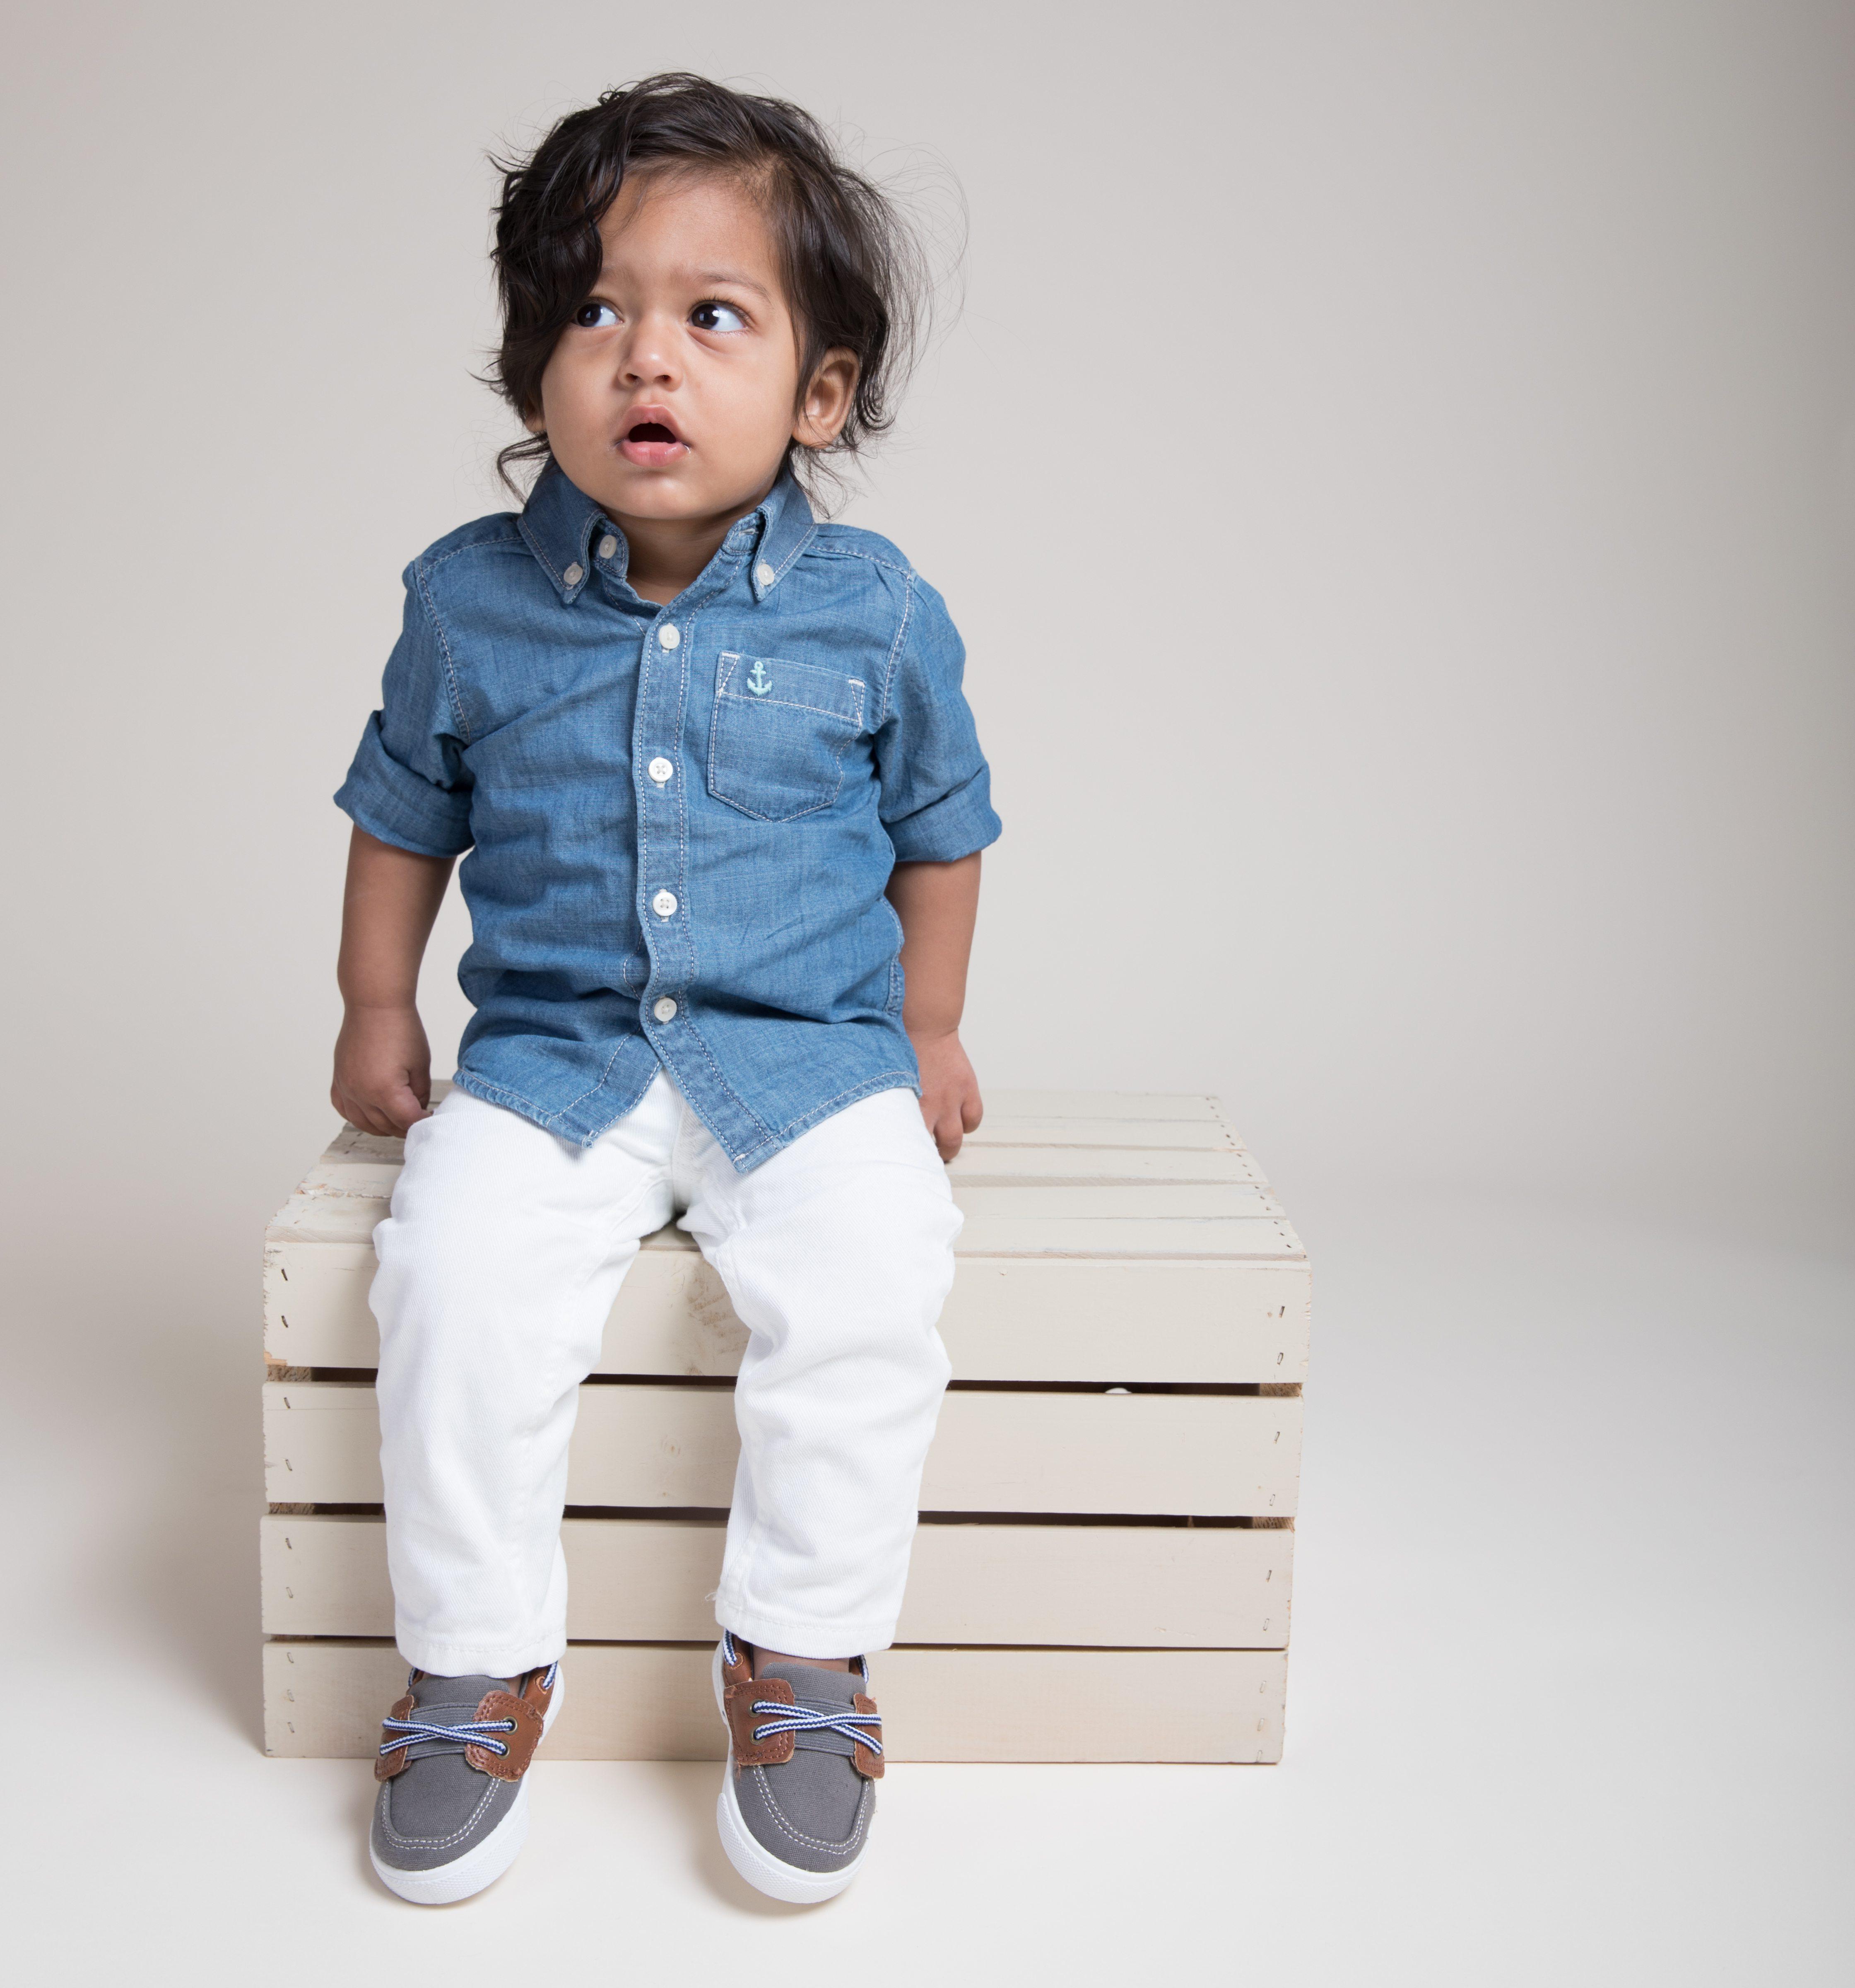 Ezra Balasundaram, 417 Magazine's Cutest Baby 2018 winner